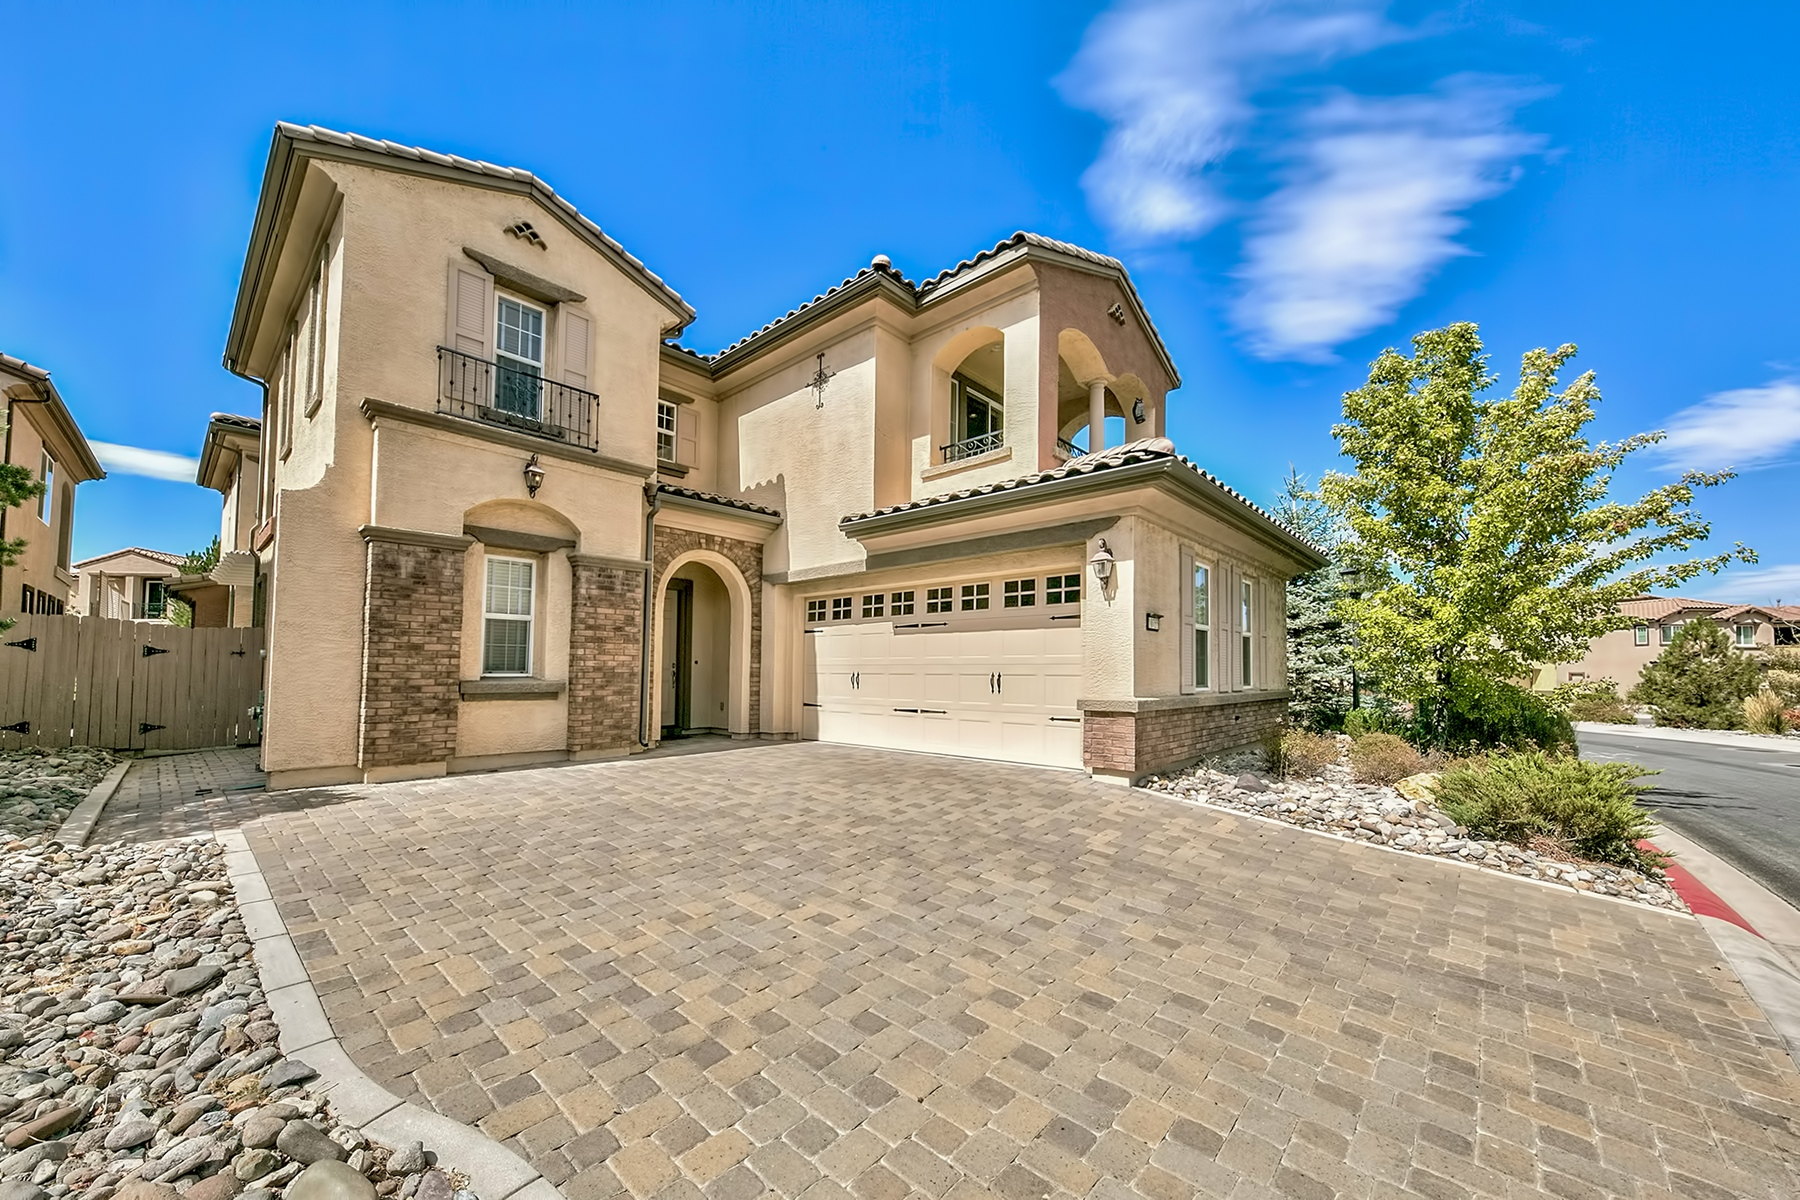 Property for Active at 10755 Serratina Drive, Reno, Nevada 89521 10755 Serratina Drive Reno, Nevada 89521 United States